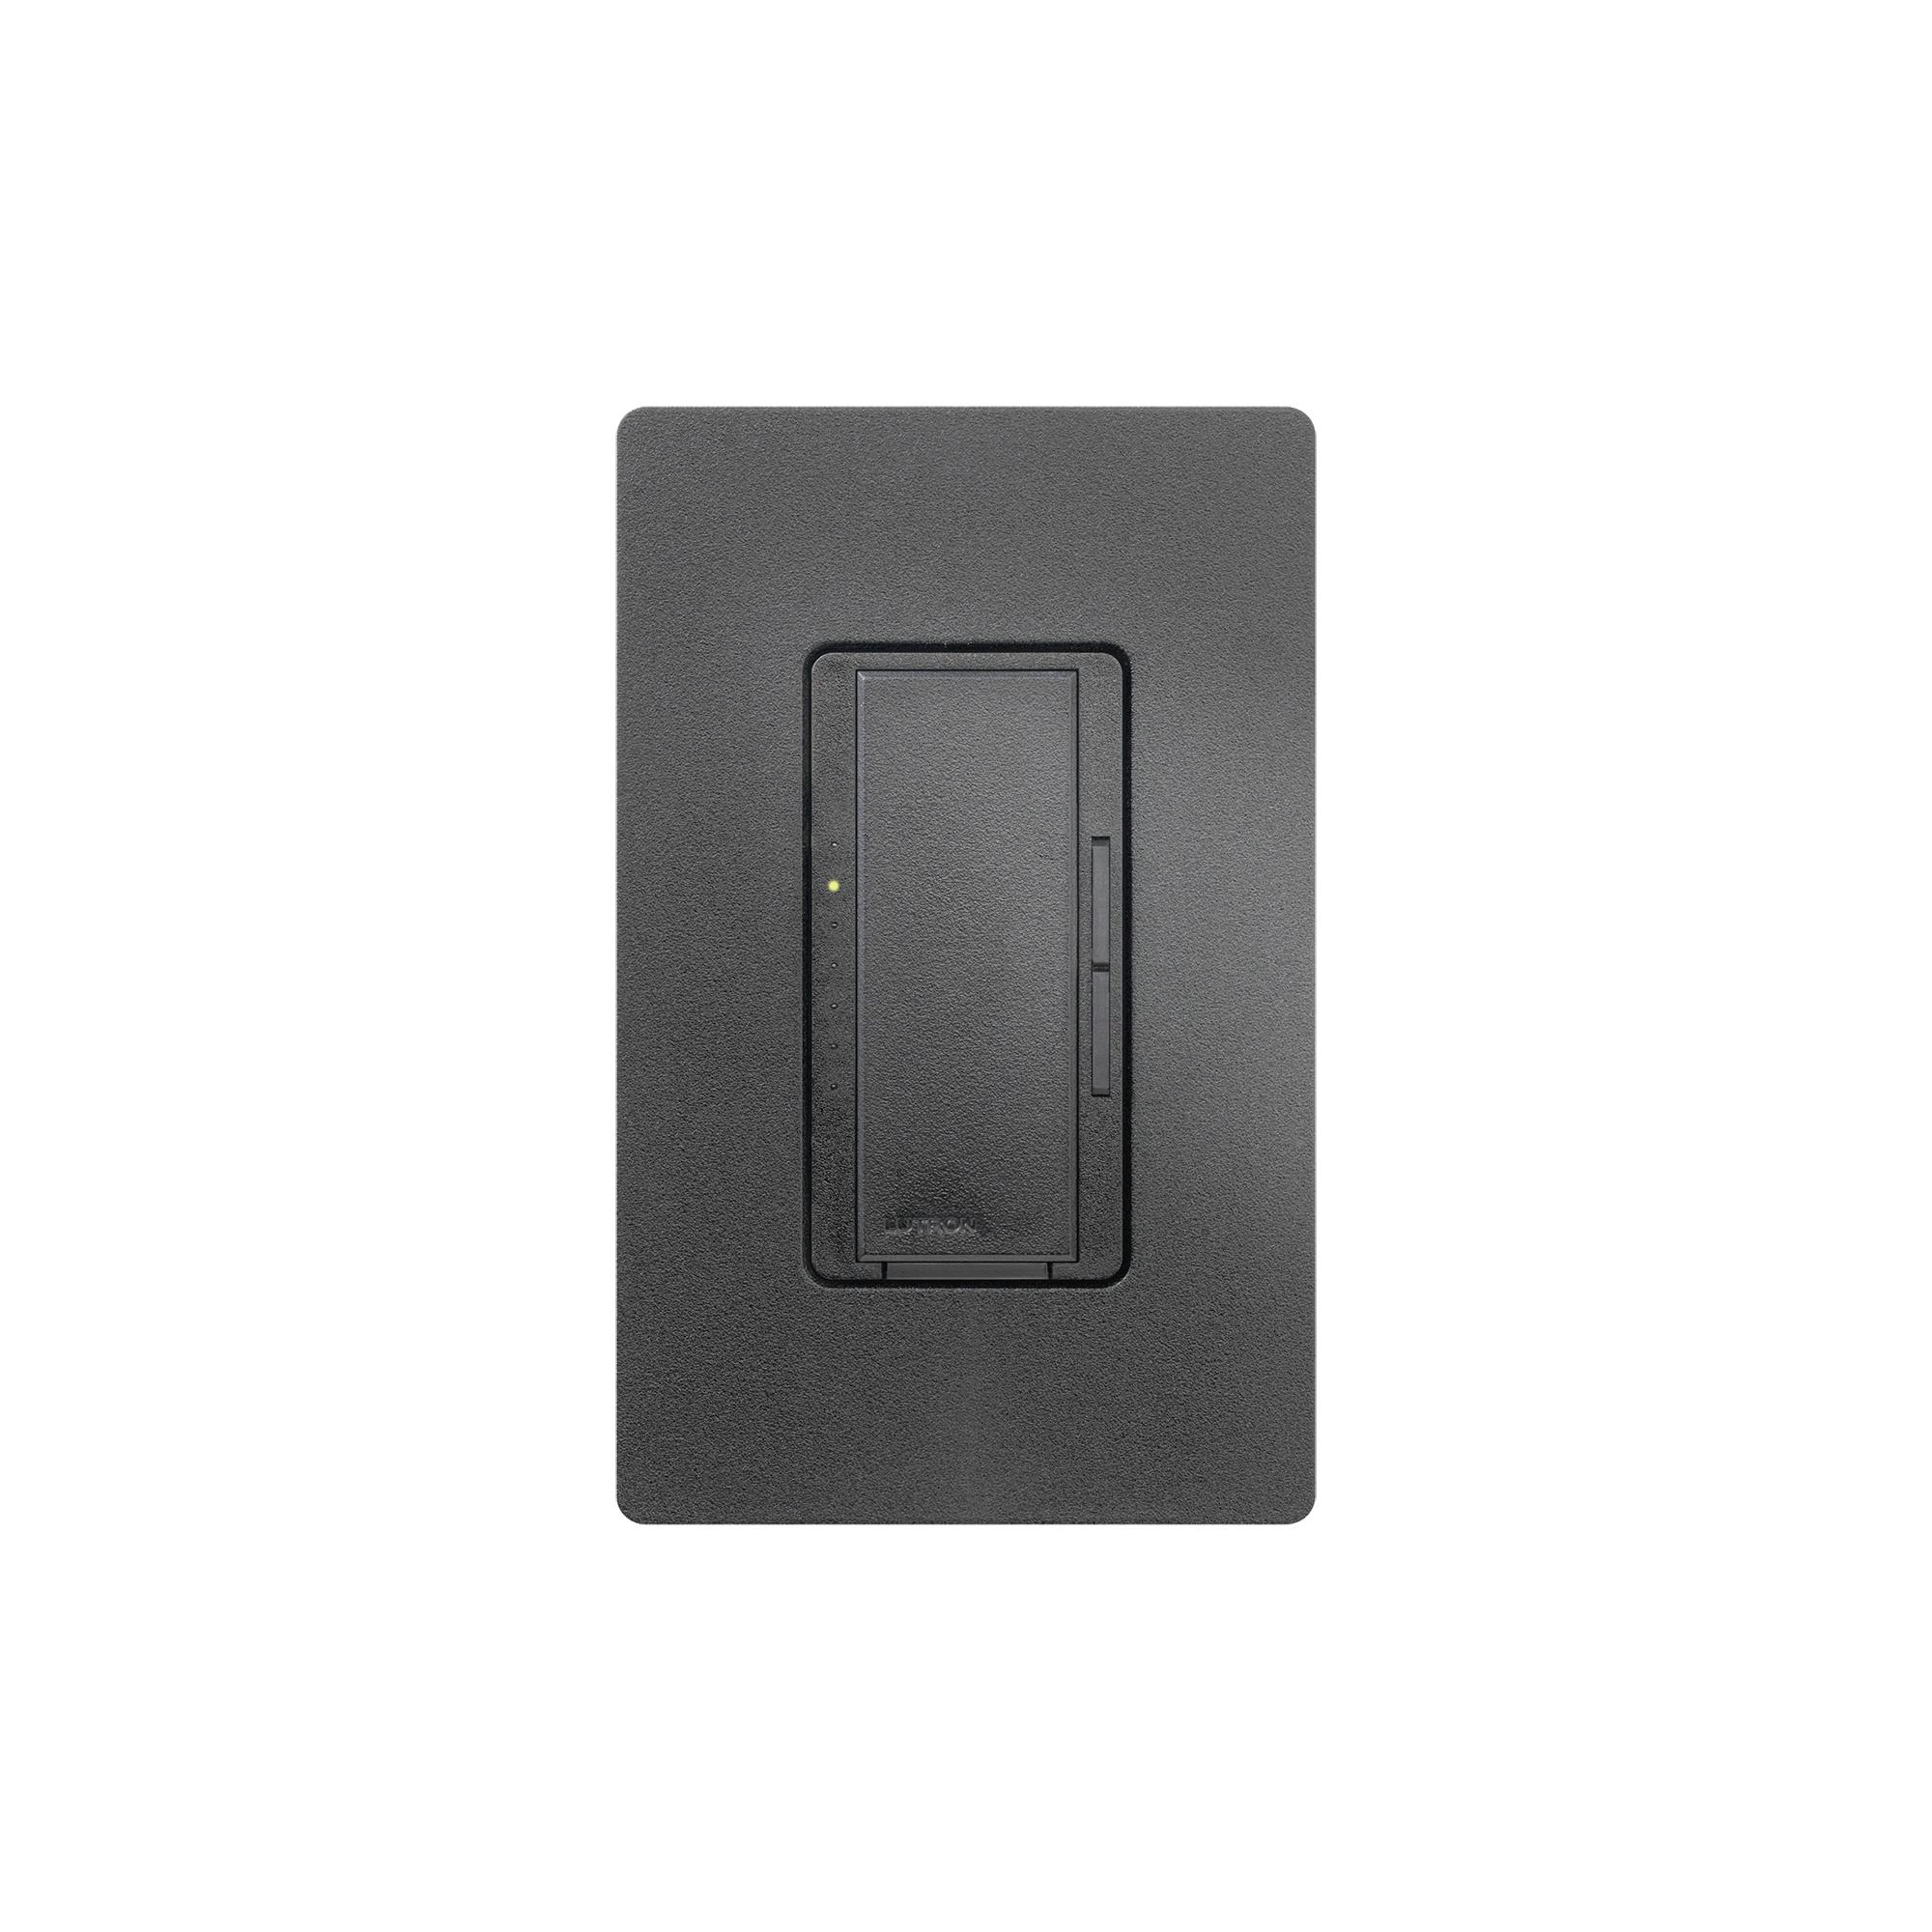 Atenuador (dimmer) un solo polo/multilocación 120VCA/600W (INC/MLV/HAL) o 150W (CFL/LED), apaga, enciende y atenúa iluminación.color negro